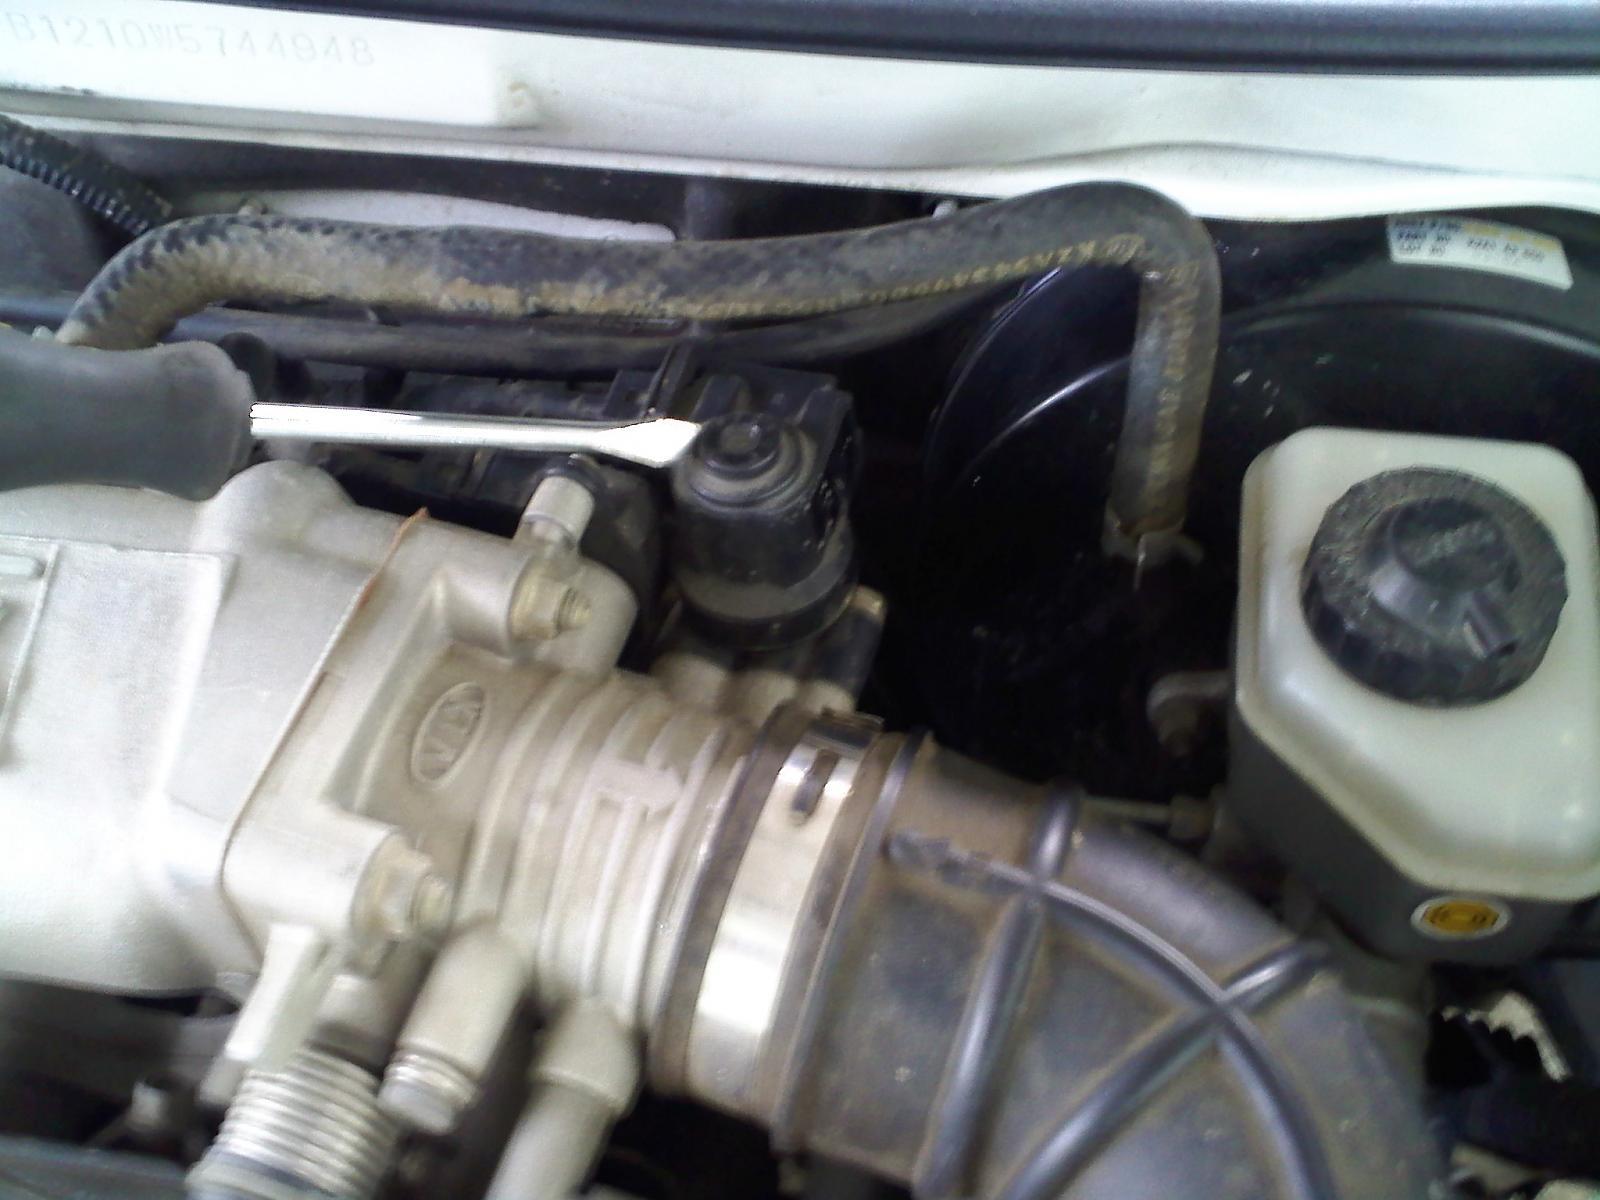 Swansongforravyn 2000 Kia Sephials Sedan Detroit Wiring Diagram Fe 2000 Kia  Sephia Repair Manual 2000 Kia